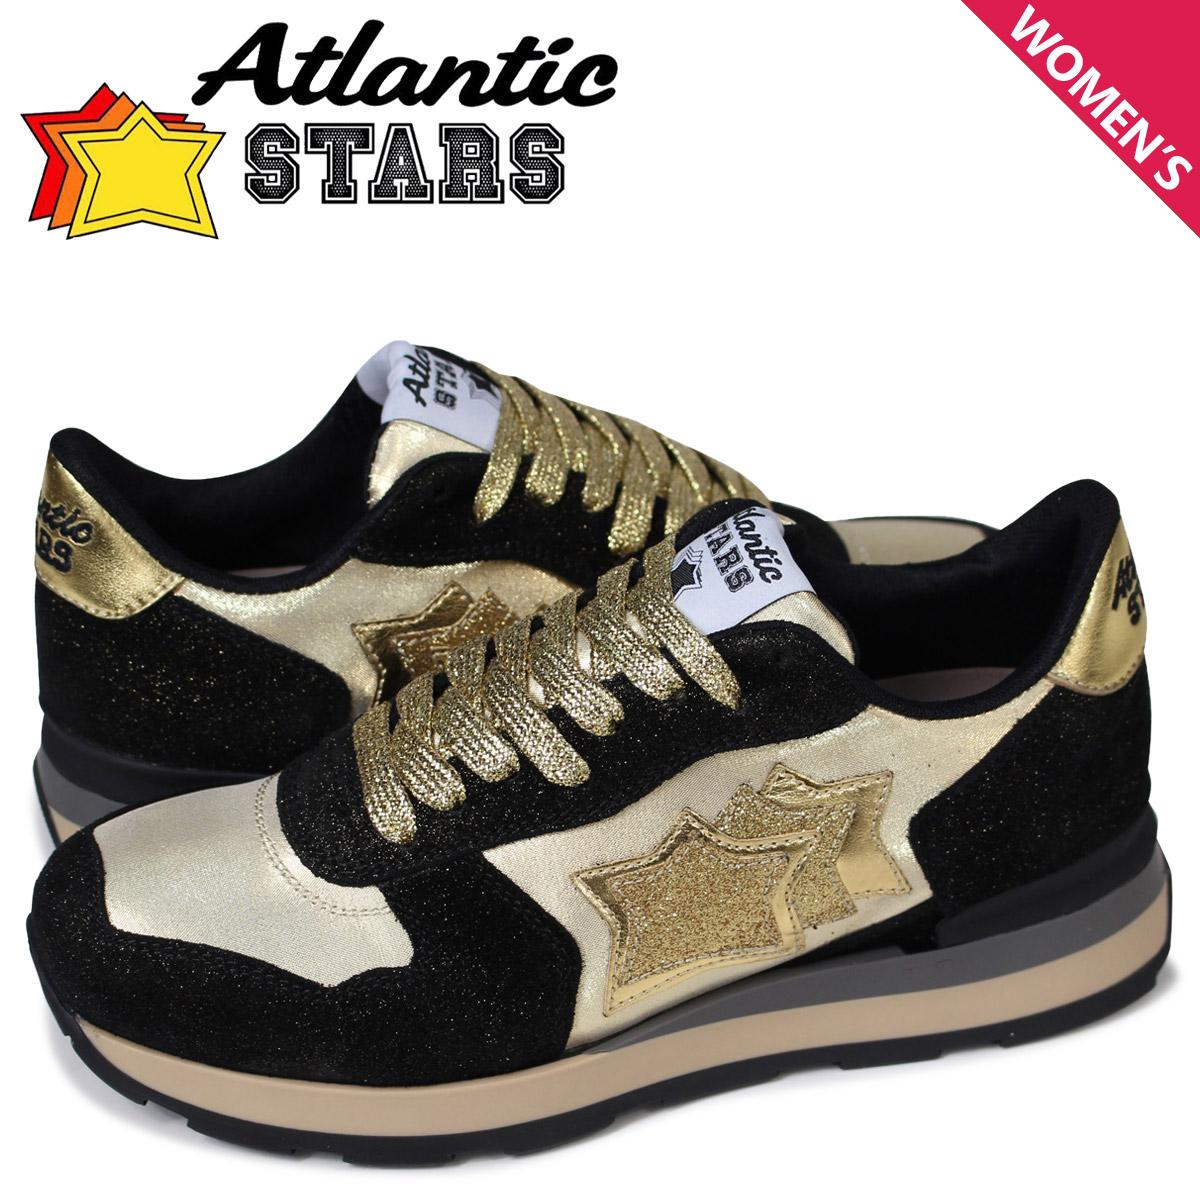 アトランティックスターズ レディース スニーカー Atlantic STARS ベガ VEGA GO-79N ゴールド [予約 5月上旬 追加入荷予定]